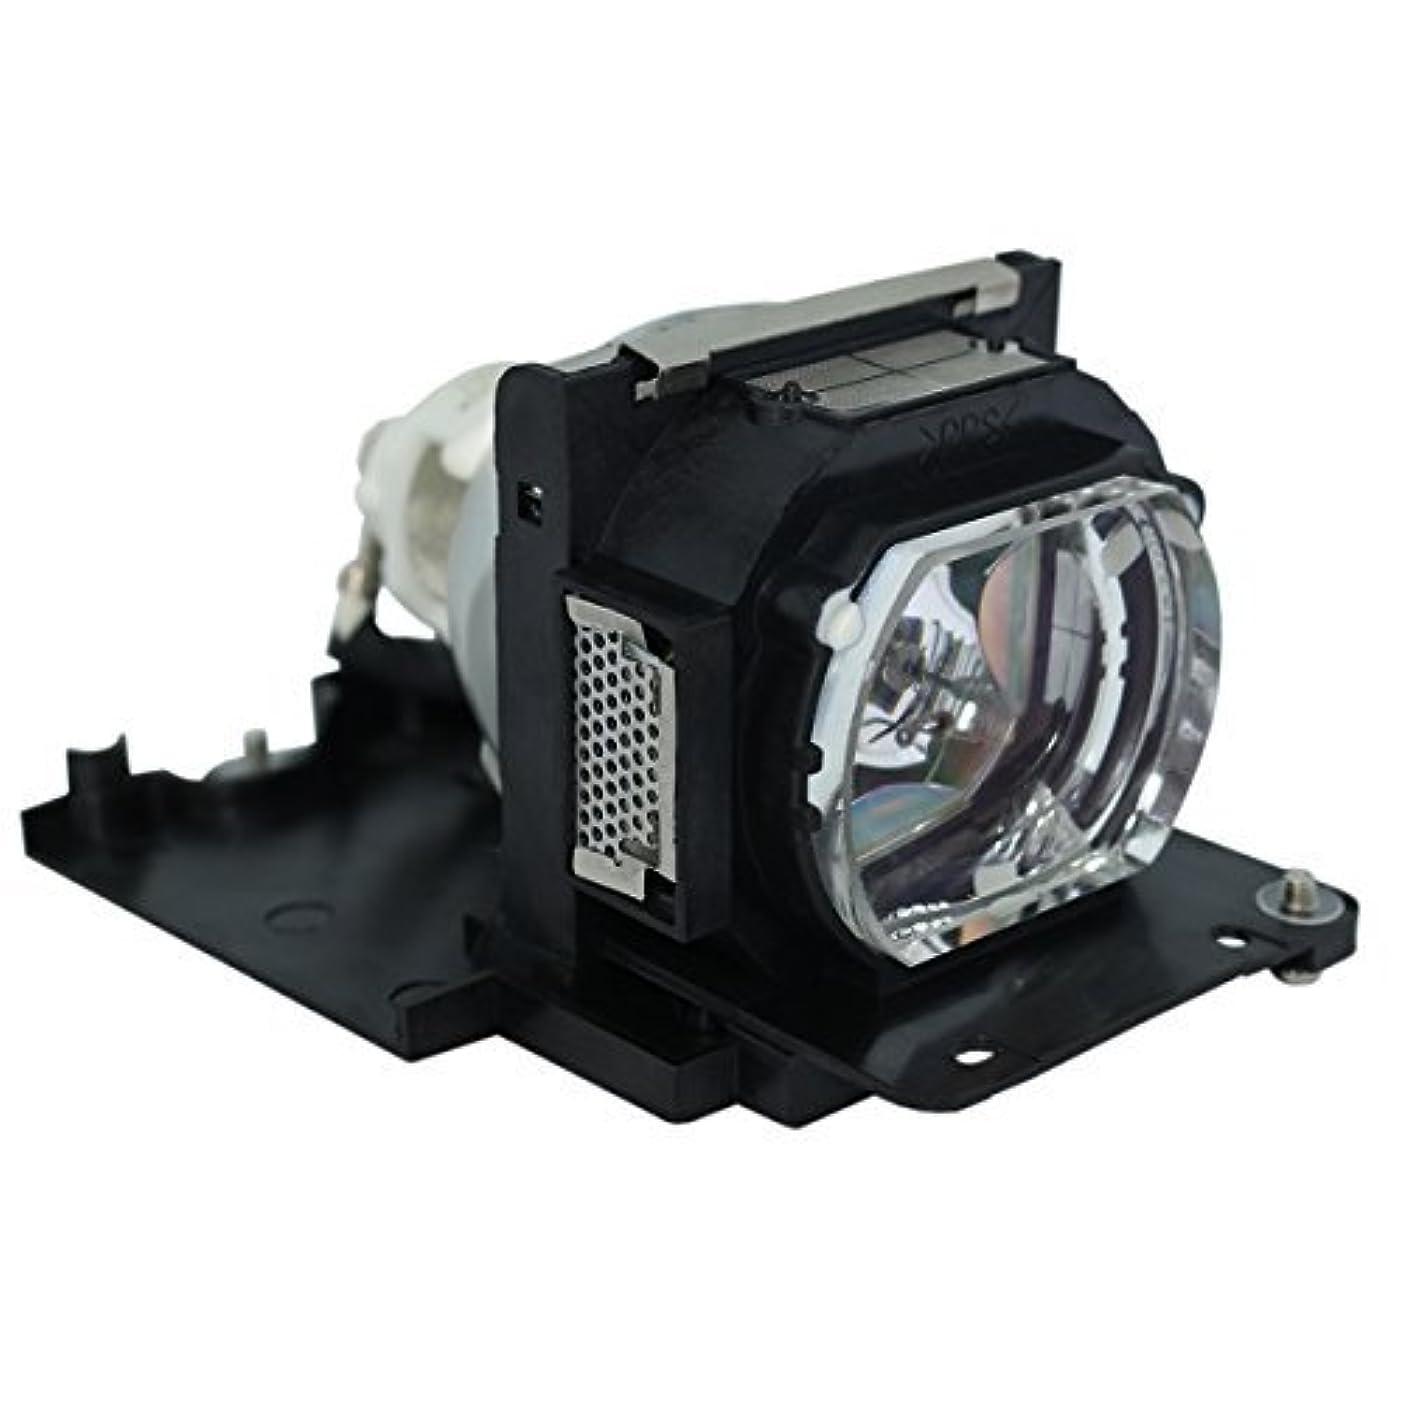 クールひねりどんよりしたSpArc Platinum Mitsubishi XL4 Projector Replacement Lamp with Housing [並行輸入品]